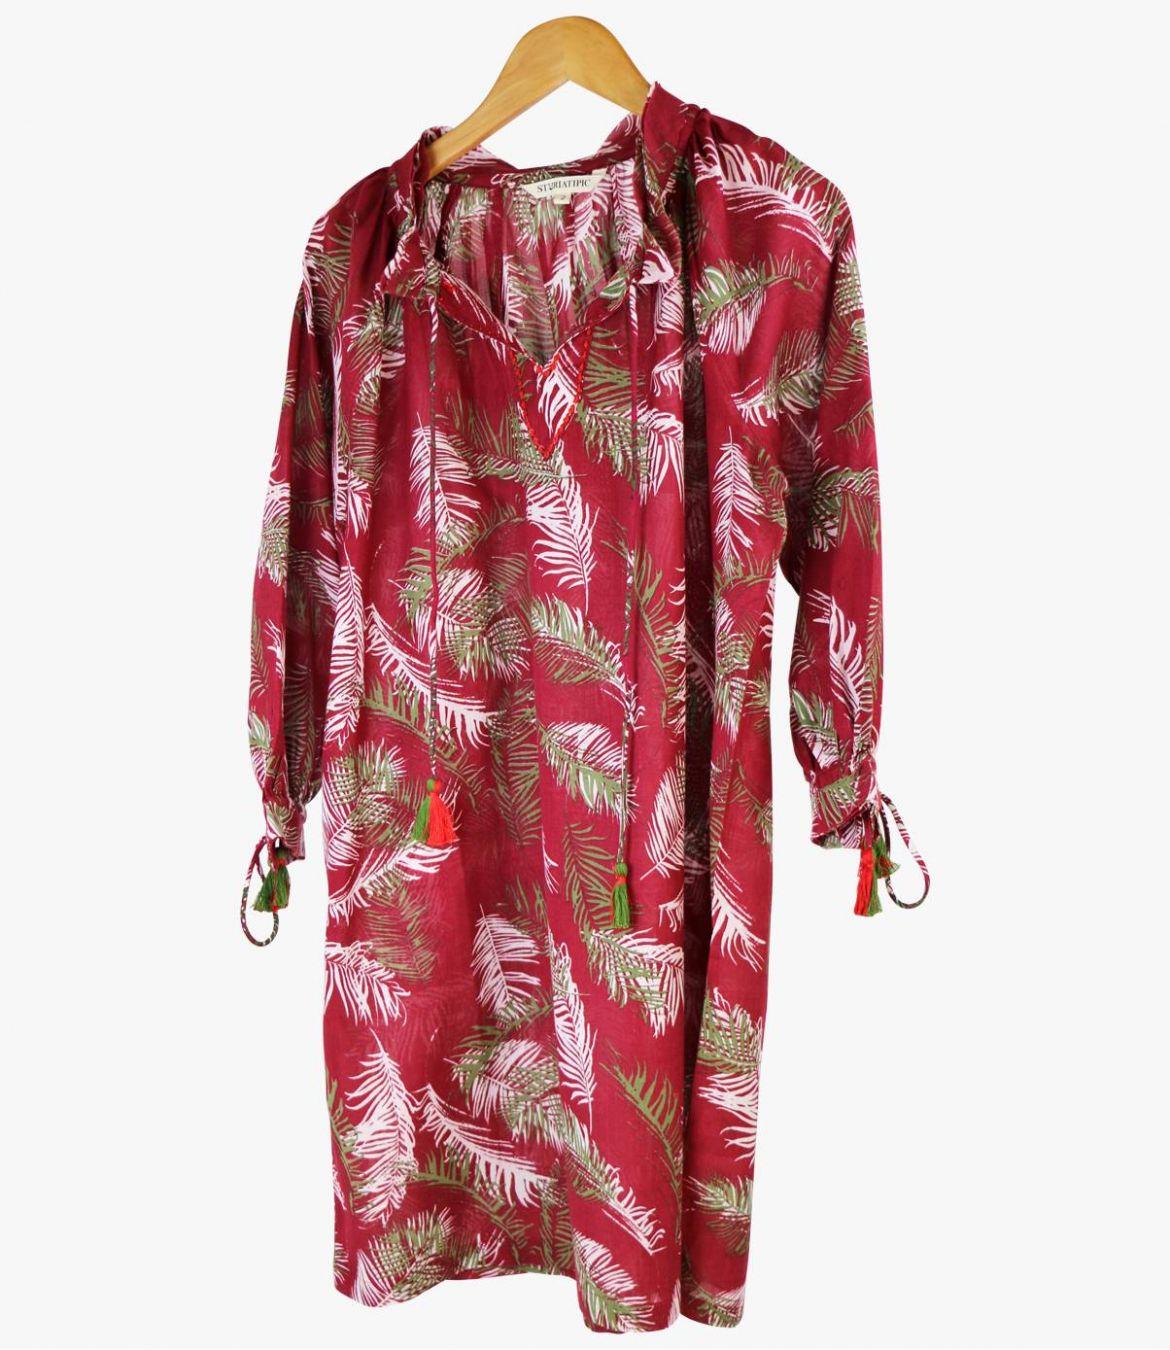 BESS PALOMA Robe en Coton pour Femme Storiatipic - 2